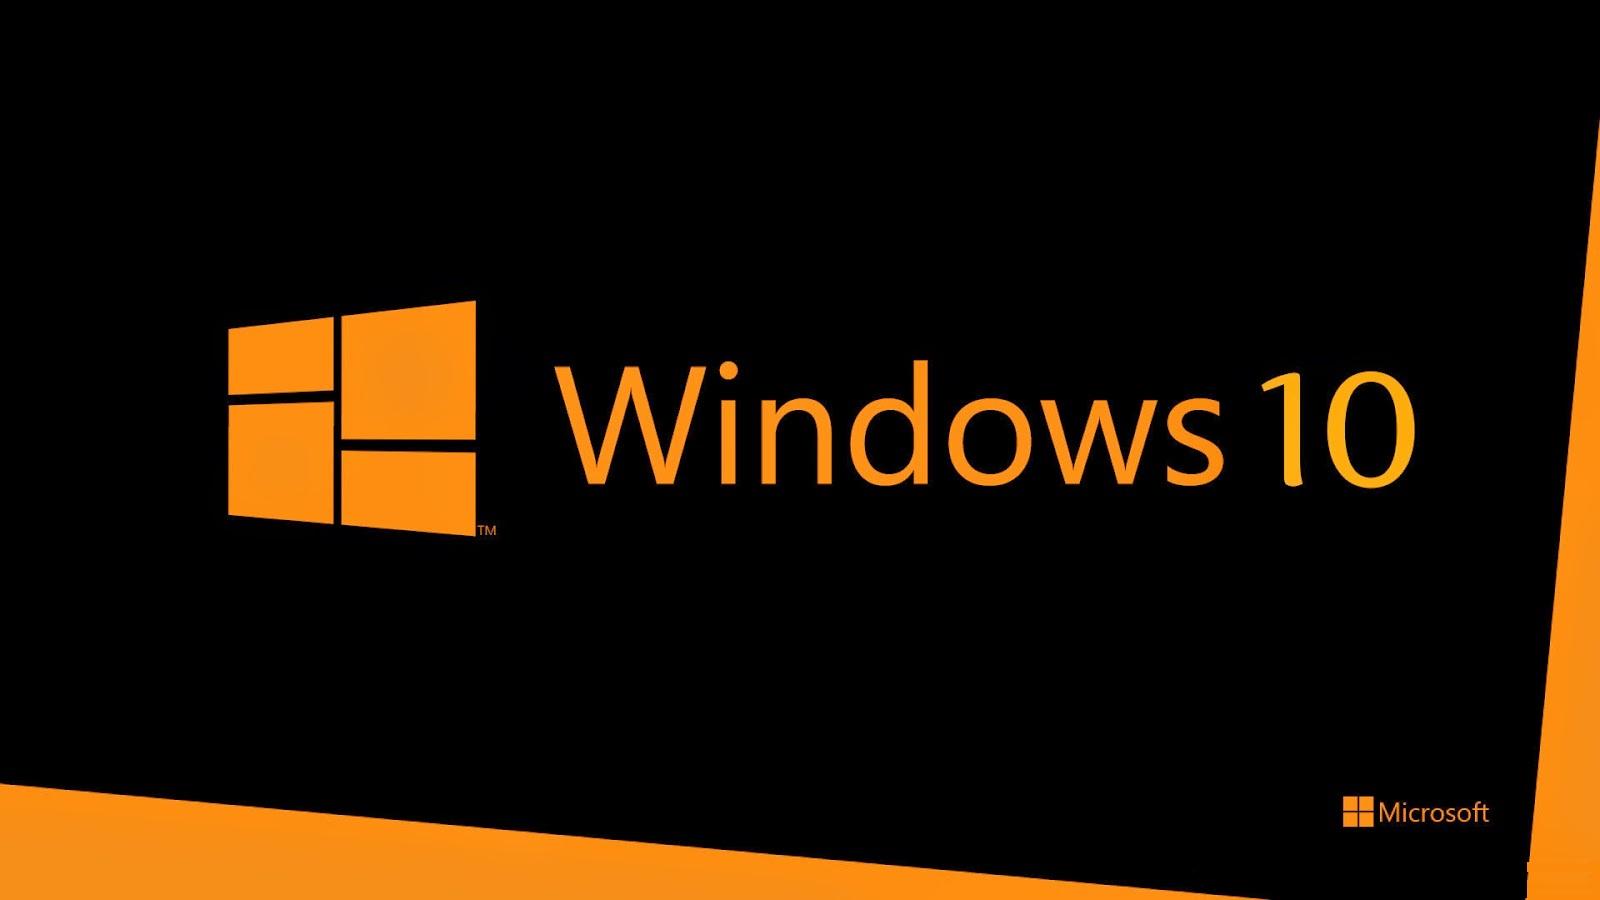 Windows 10 Desktop Is Black 7 Free Hd Wallpaper